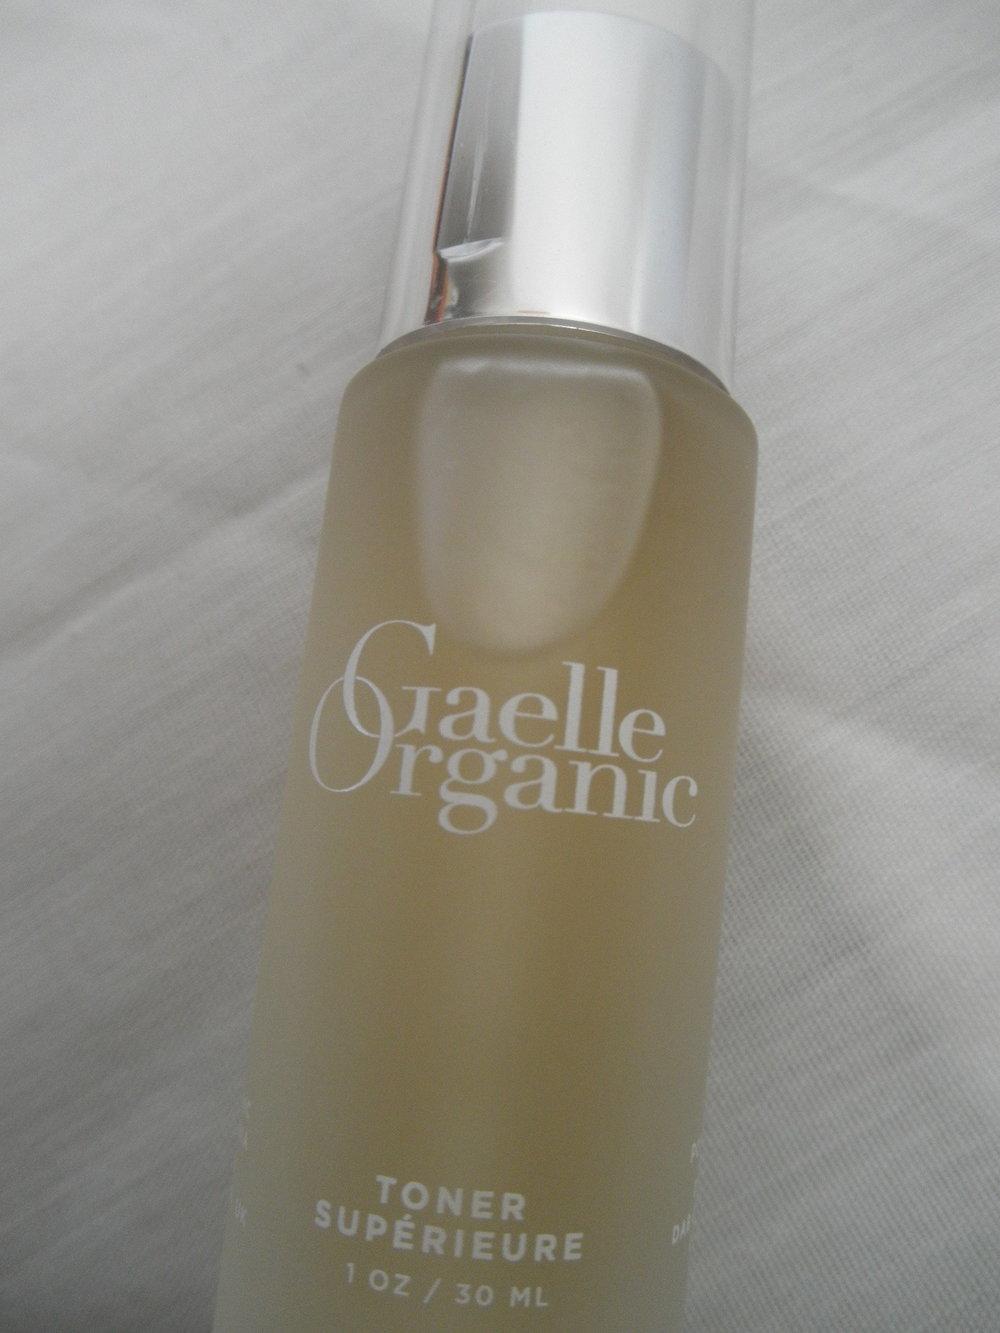 Gaelle Organic - Toner Supérieure -